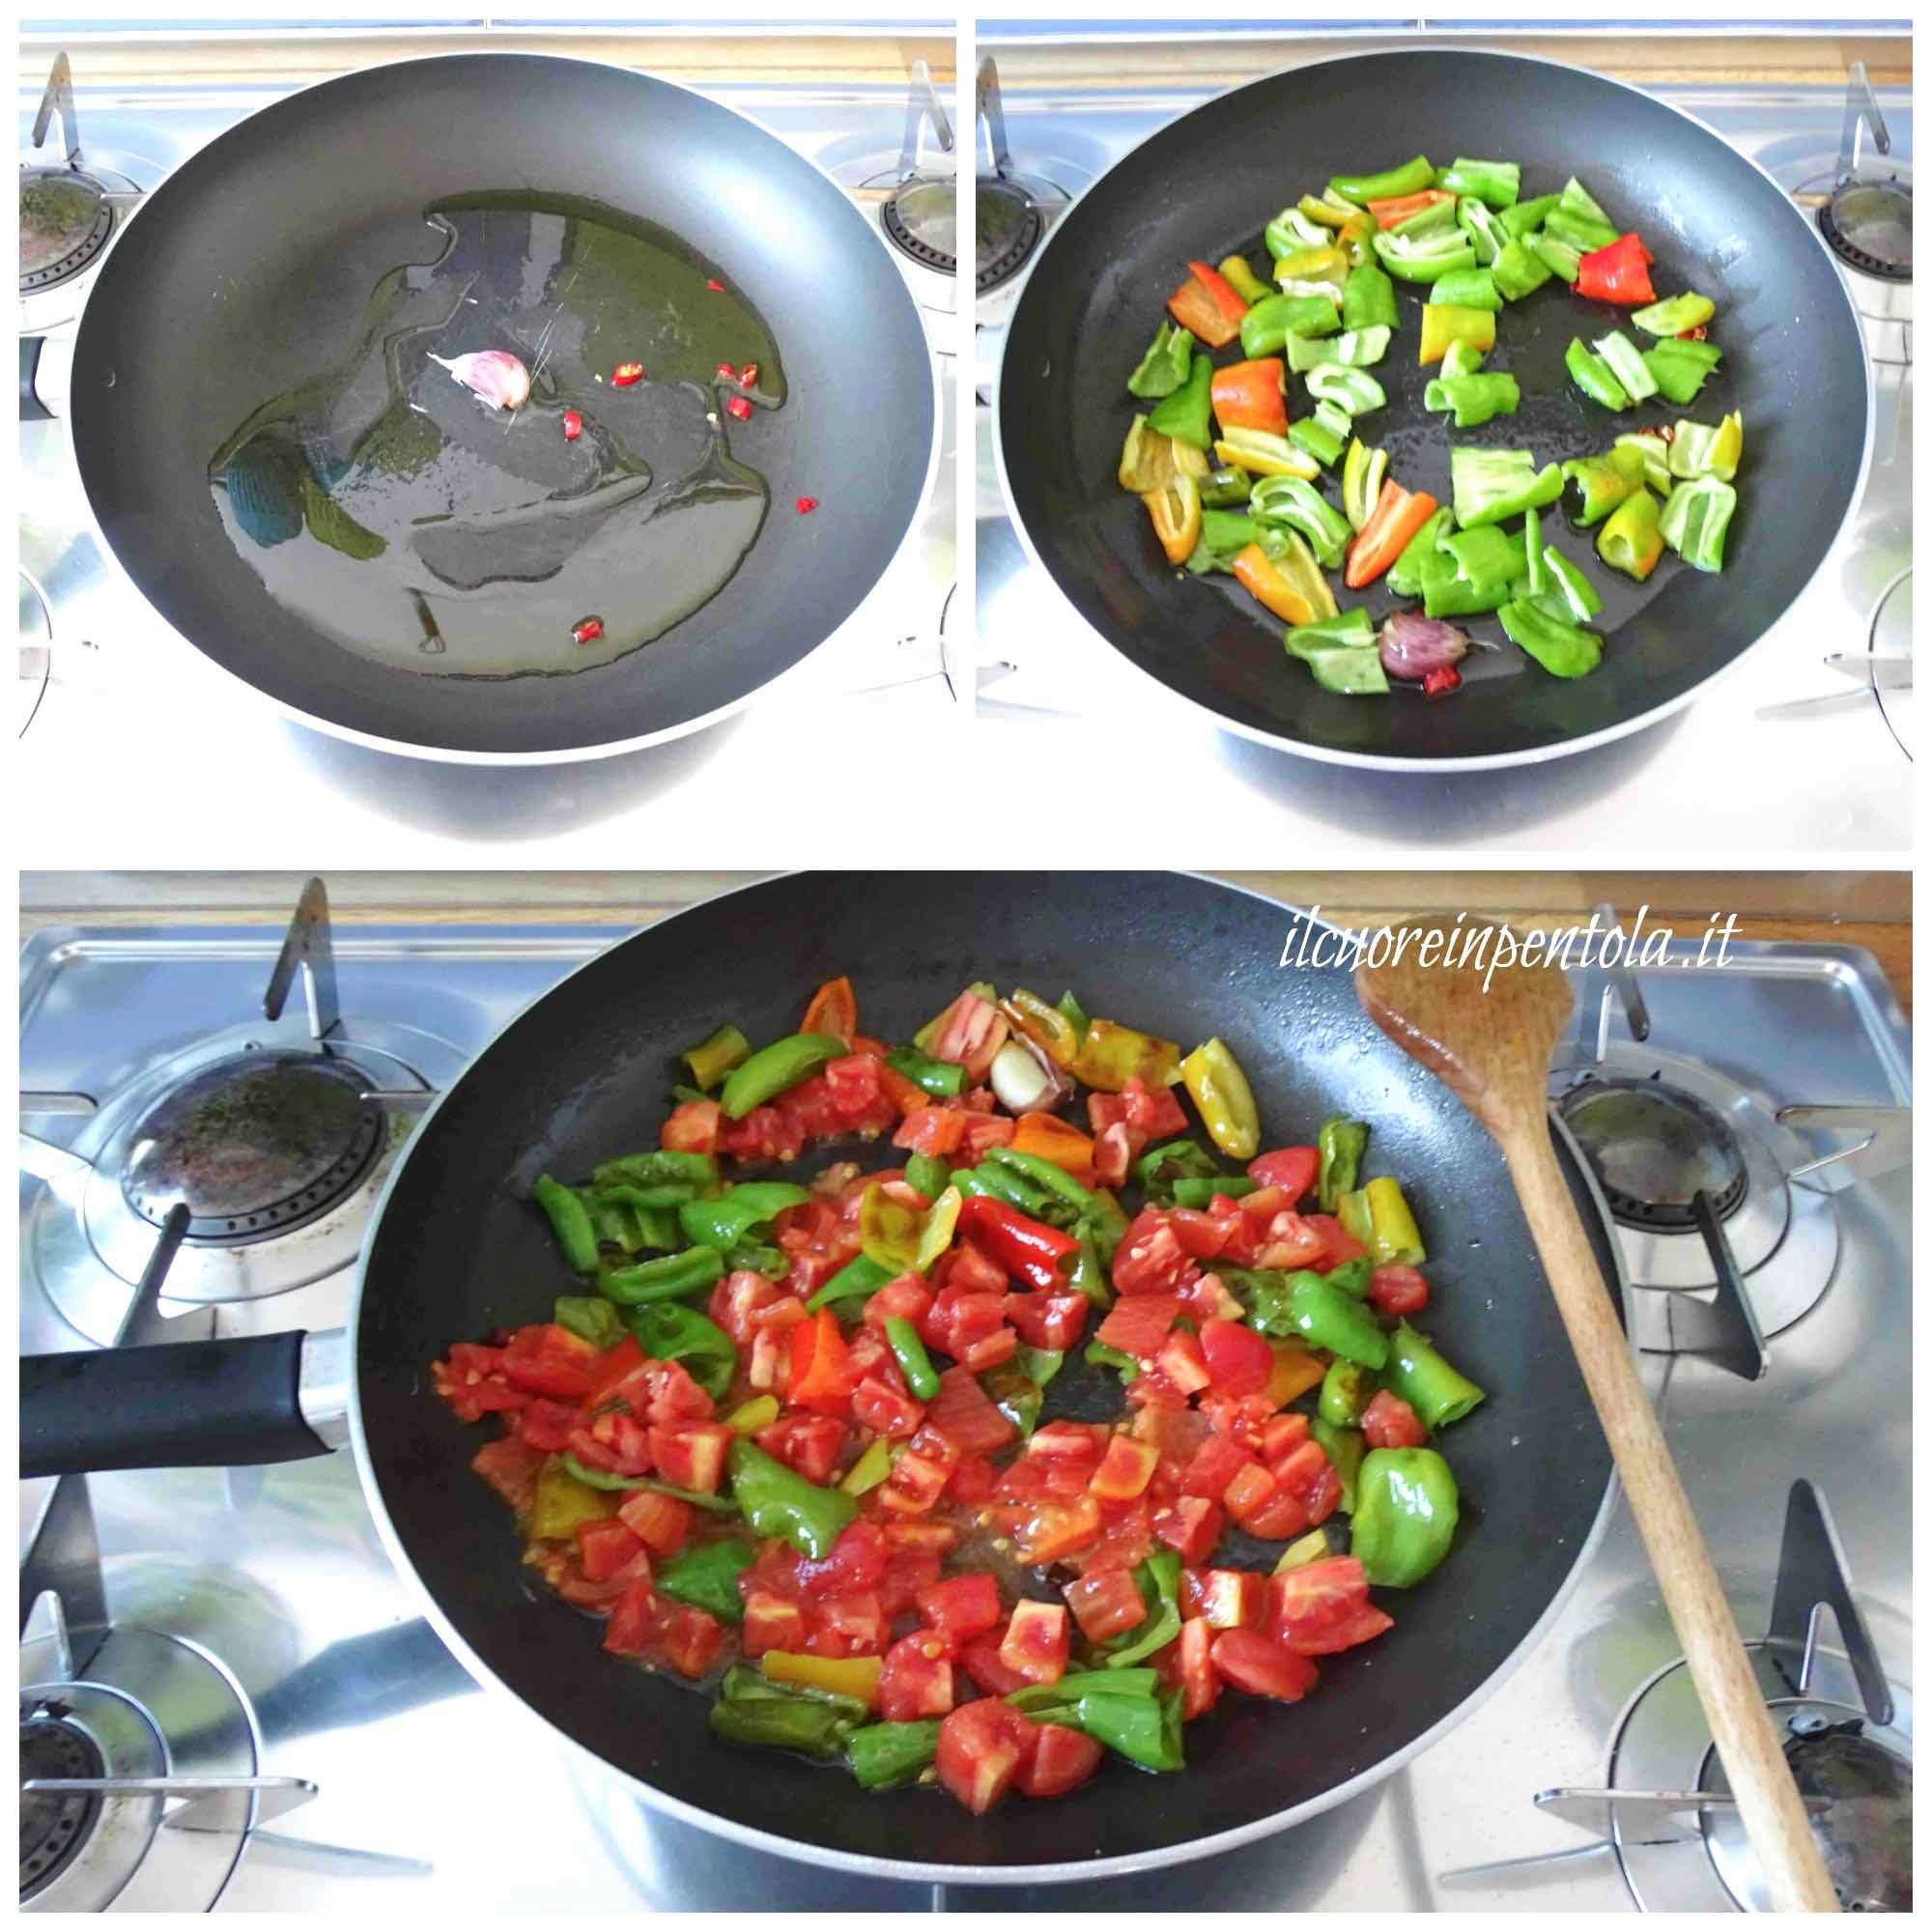 saltare friggitelli e aggiungere pomodoro